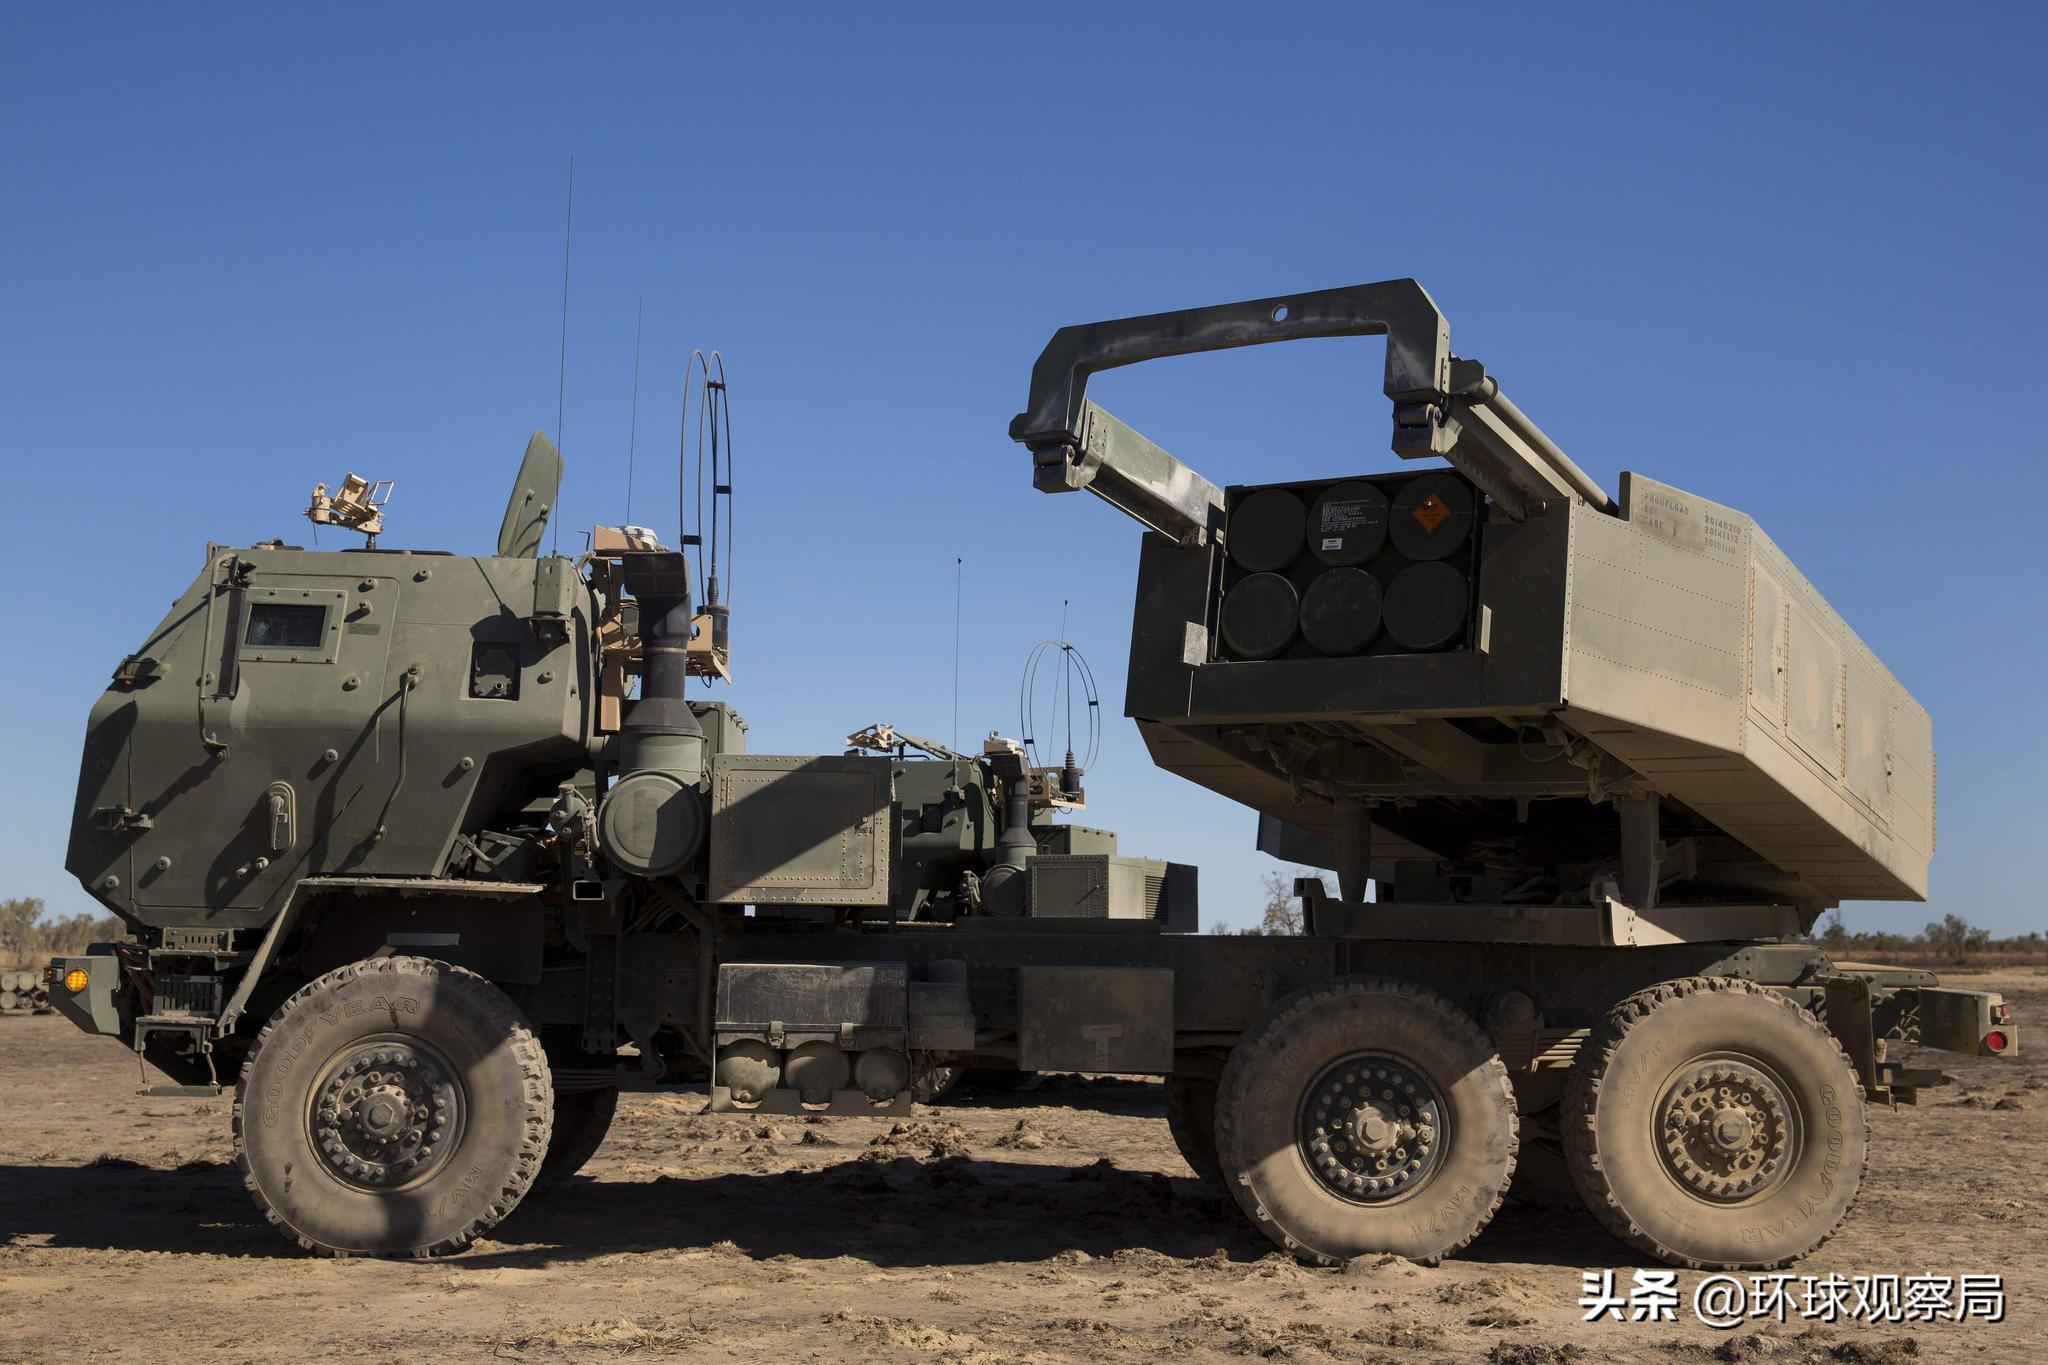 中国导弹雨的威胁有多大?美专家:美军必须分散躲避是唯一出路